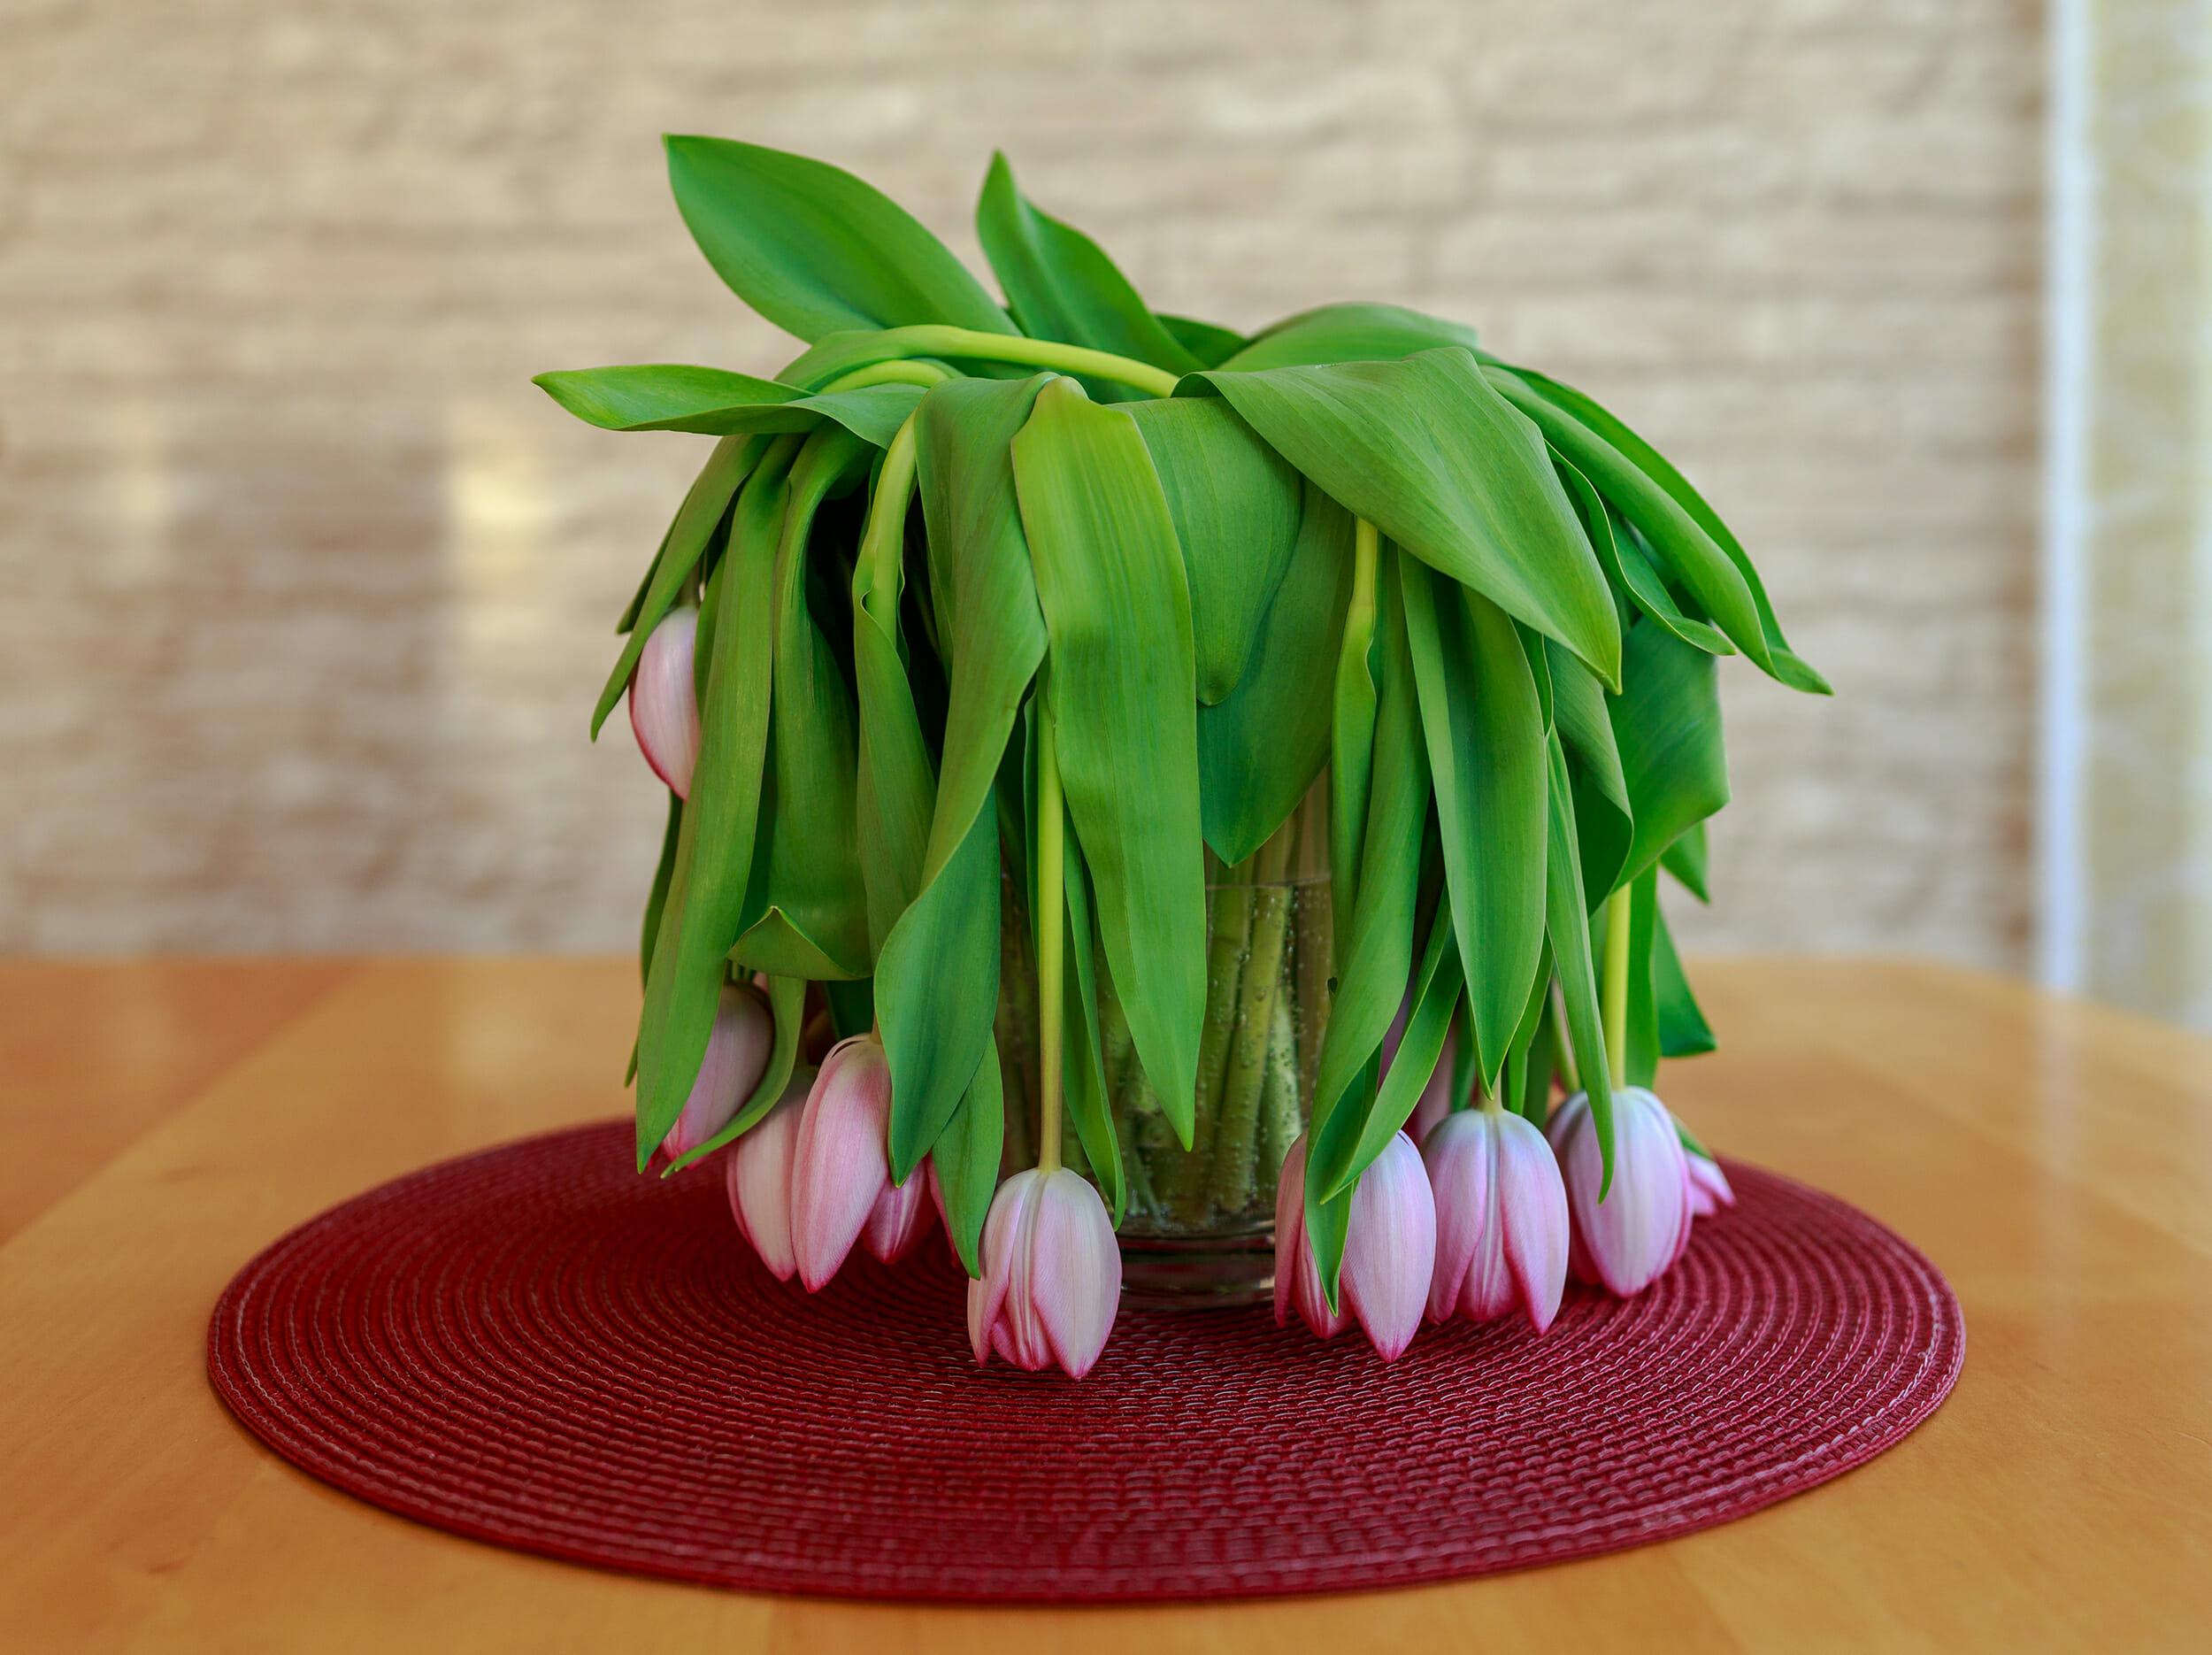 oklapnięte różowe tulipany